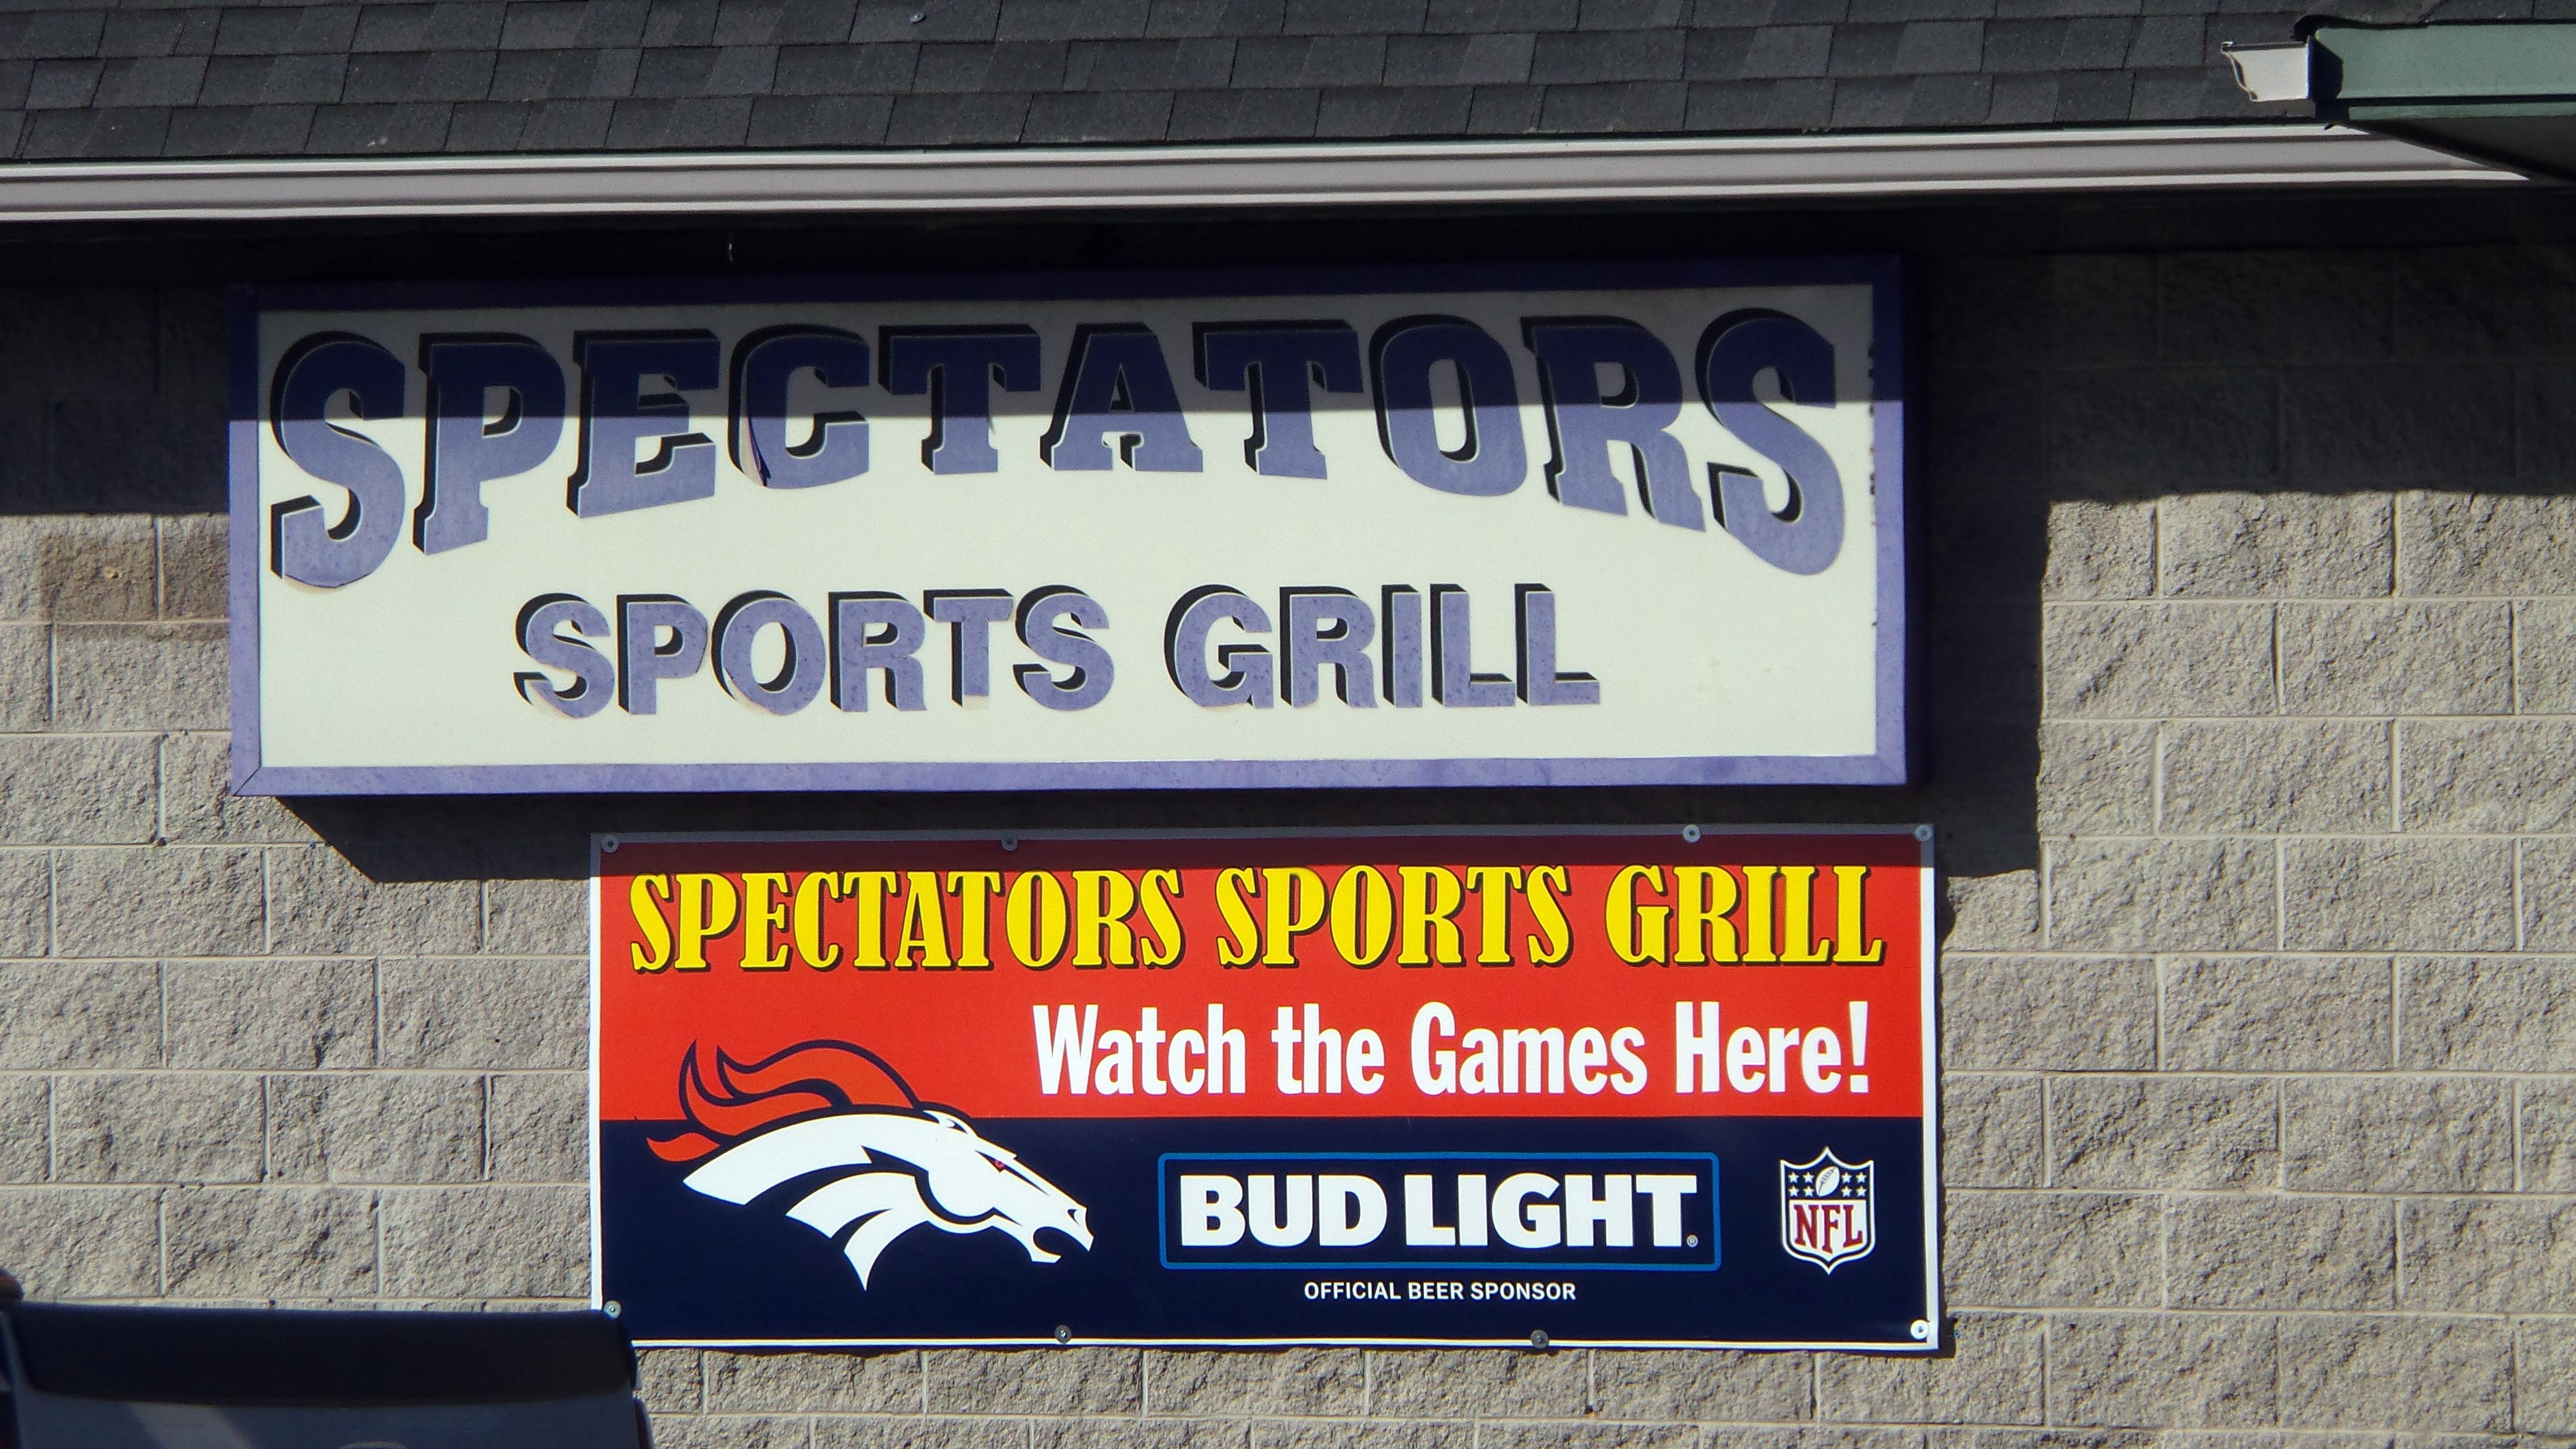 spectators sports grill menu